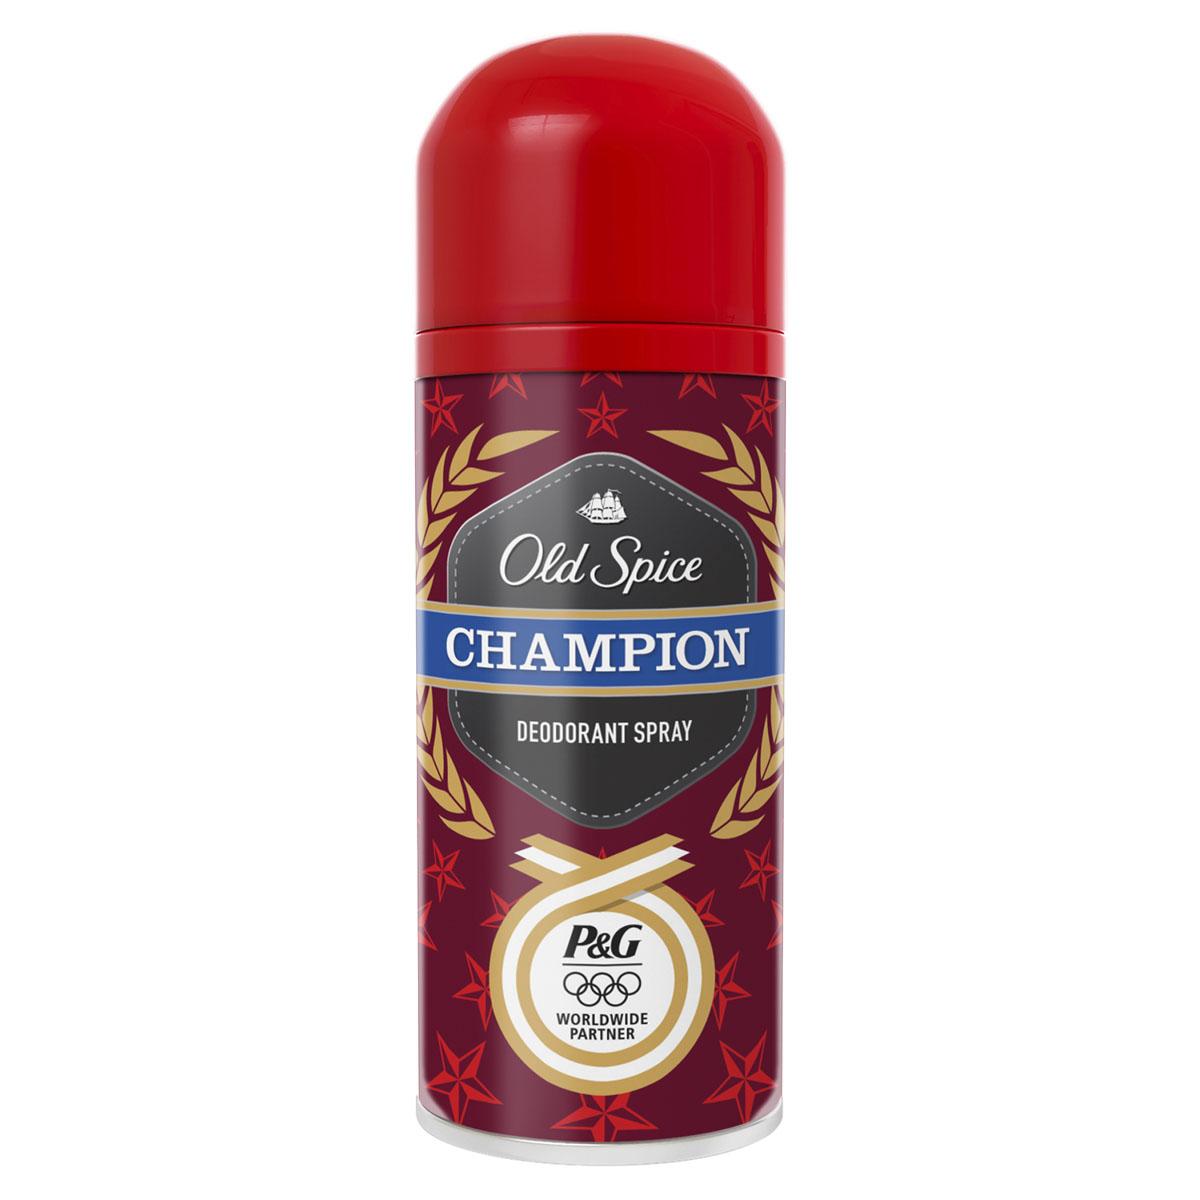 Old Spice Дезодорант-спрей Champion, 125 млOS-81444595Дезодорант Old Spice Champion обладает ароматом для настоящих мужчин! Чемпионы бывают самых разных форм и размеров. Но при этом у них у всех один и тот же аромат. Ты должен пахнуть как будто твои мечты уже стали реальностью. Мужчина с ароматом Old Spice Champion забивает лучшие голы, смело идет в разведку, переплывает проливы, отважно спасает красавиц и покоряет их своим запахом. Old Spice Champion - аромат успеха. Из всех ароматов, которые может ощутить человеческий нос, только Old Spice Champion может поддерживать вселенную в равновесии и притягивать к вам прекрасный пол с силой, которая, по некоторым подсчетам, превосходит силу черной дыры. Настоящие мужчины любят аэрозольные продукты в суровых металлических баллончиках. Это факт. Потому что аэрозольные баллончики всегда таят в себе загадку. Как миллионы микрокапсул вылетают из распылителя, покрывают ваше тело, дарят вам прекрасный аромат и в тоже время защищают от неприятного ...